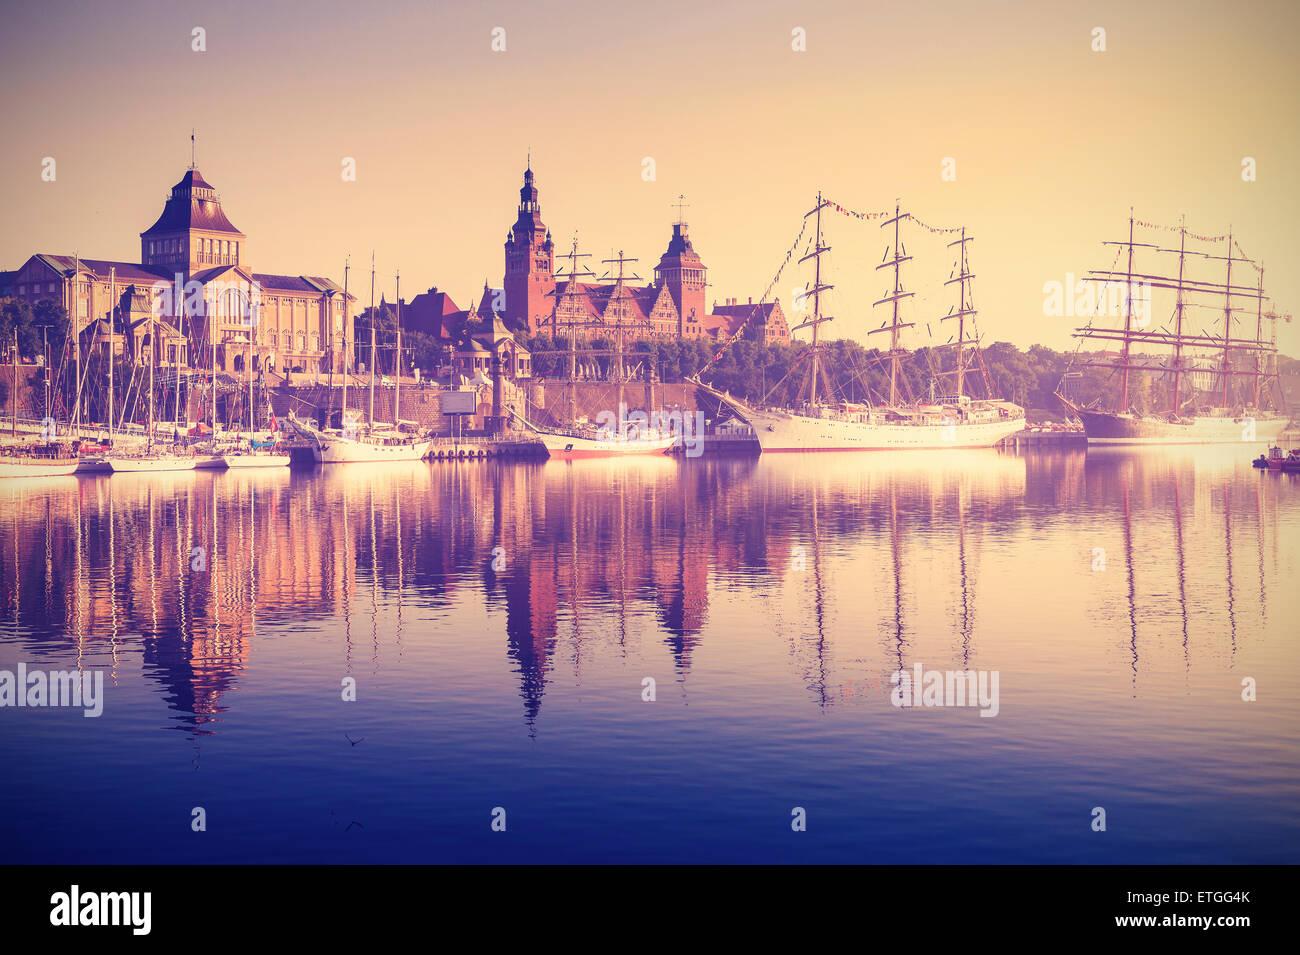 Vintage retro toned photo of sailing ships by Chrobry Embankment at sunrise in Szczecin, Poland. - Stock Image